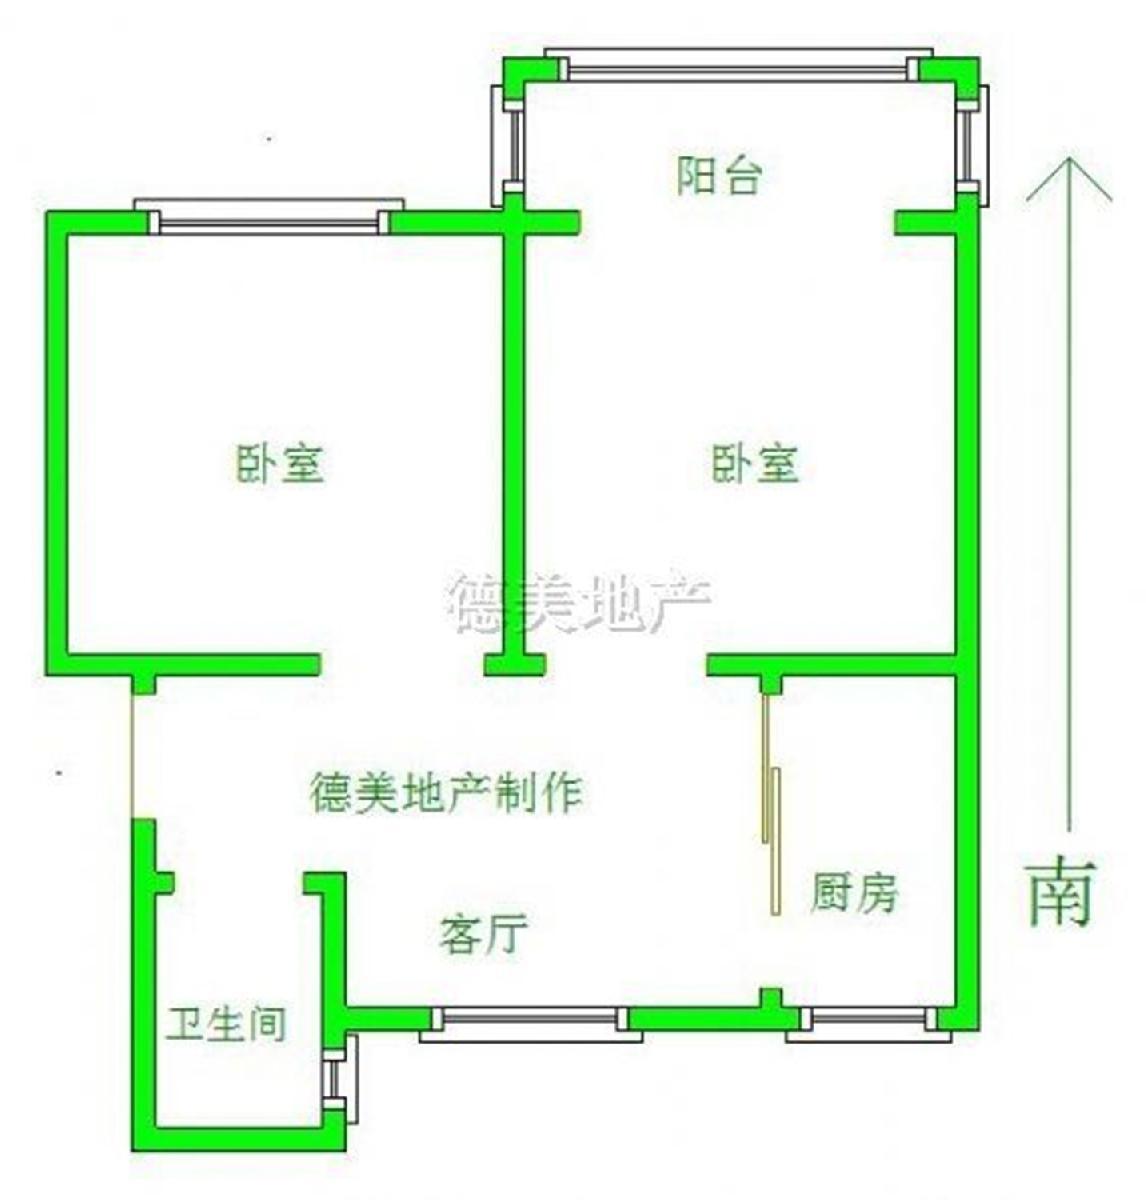 六合区西厂门街道新华六村2室1厅户型图